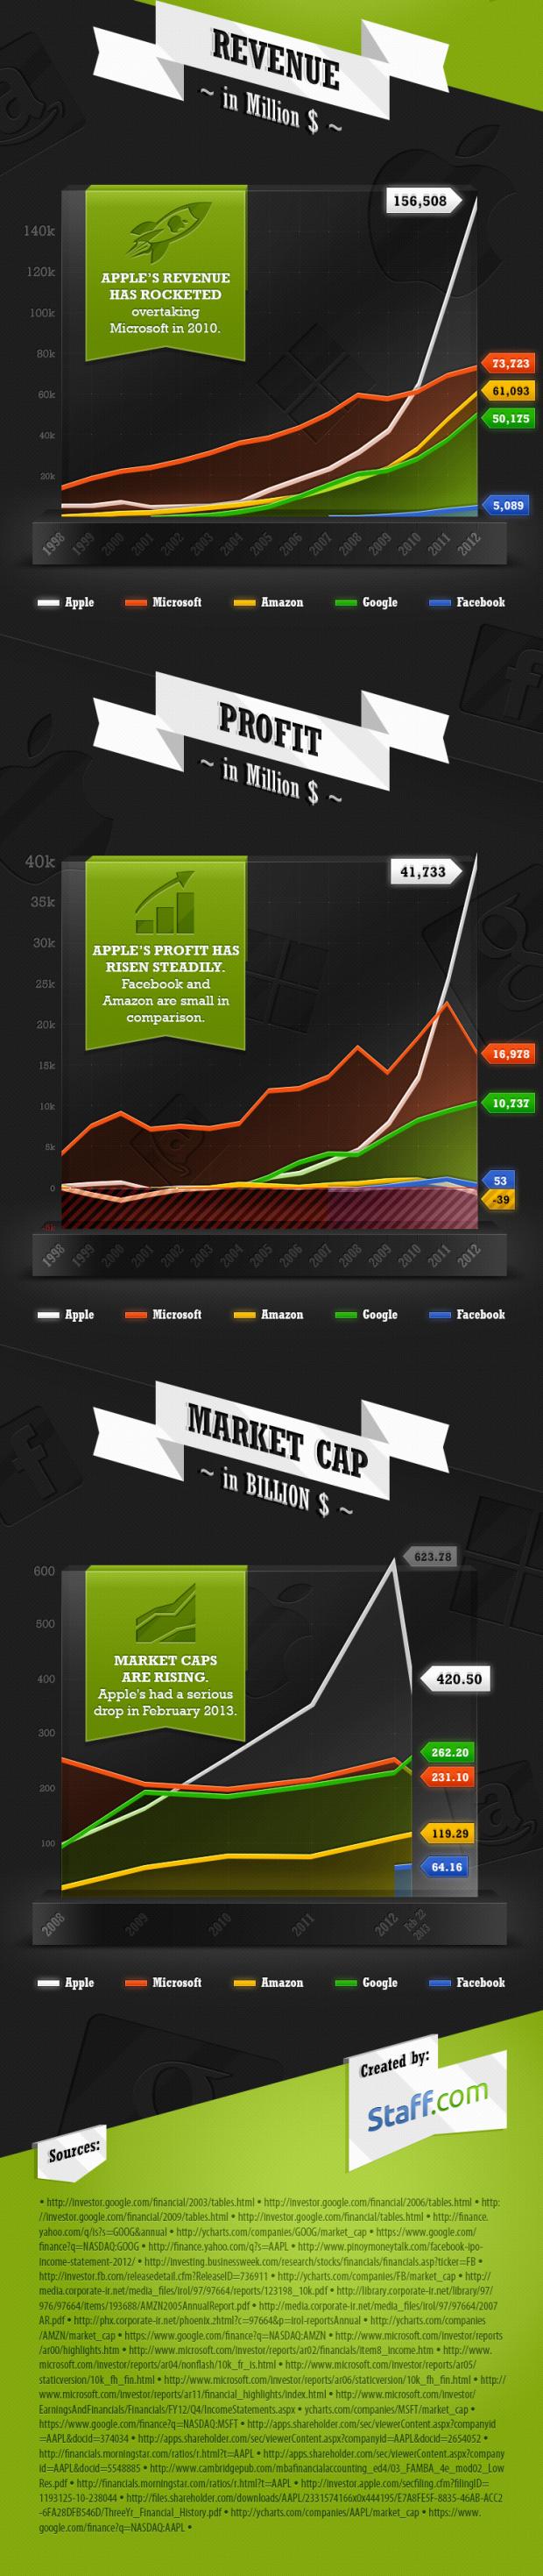 infograph_revenue-profit-tech-giants-b